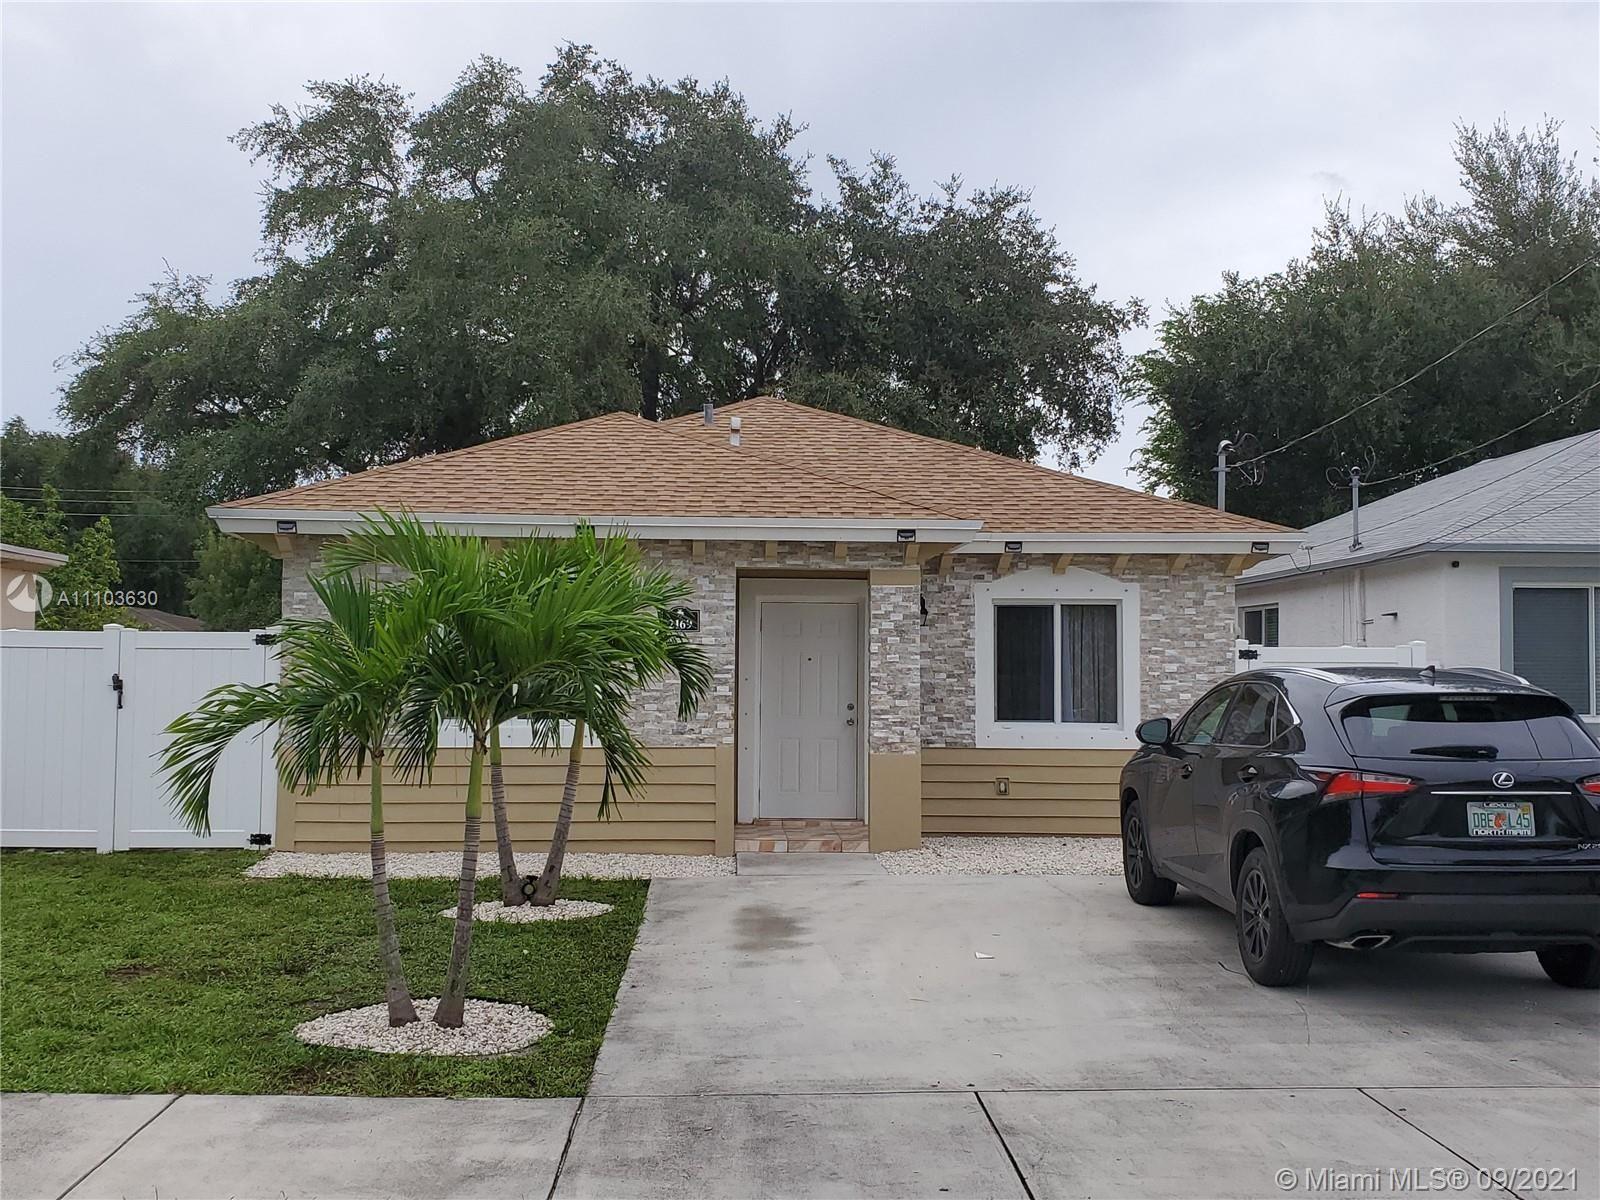 2169 NW 90th St, Miami, FL 33147 - #: A11103630